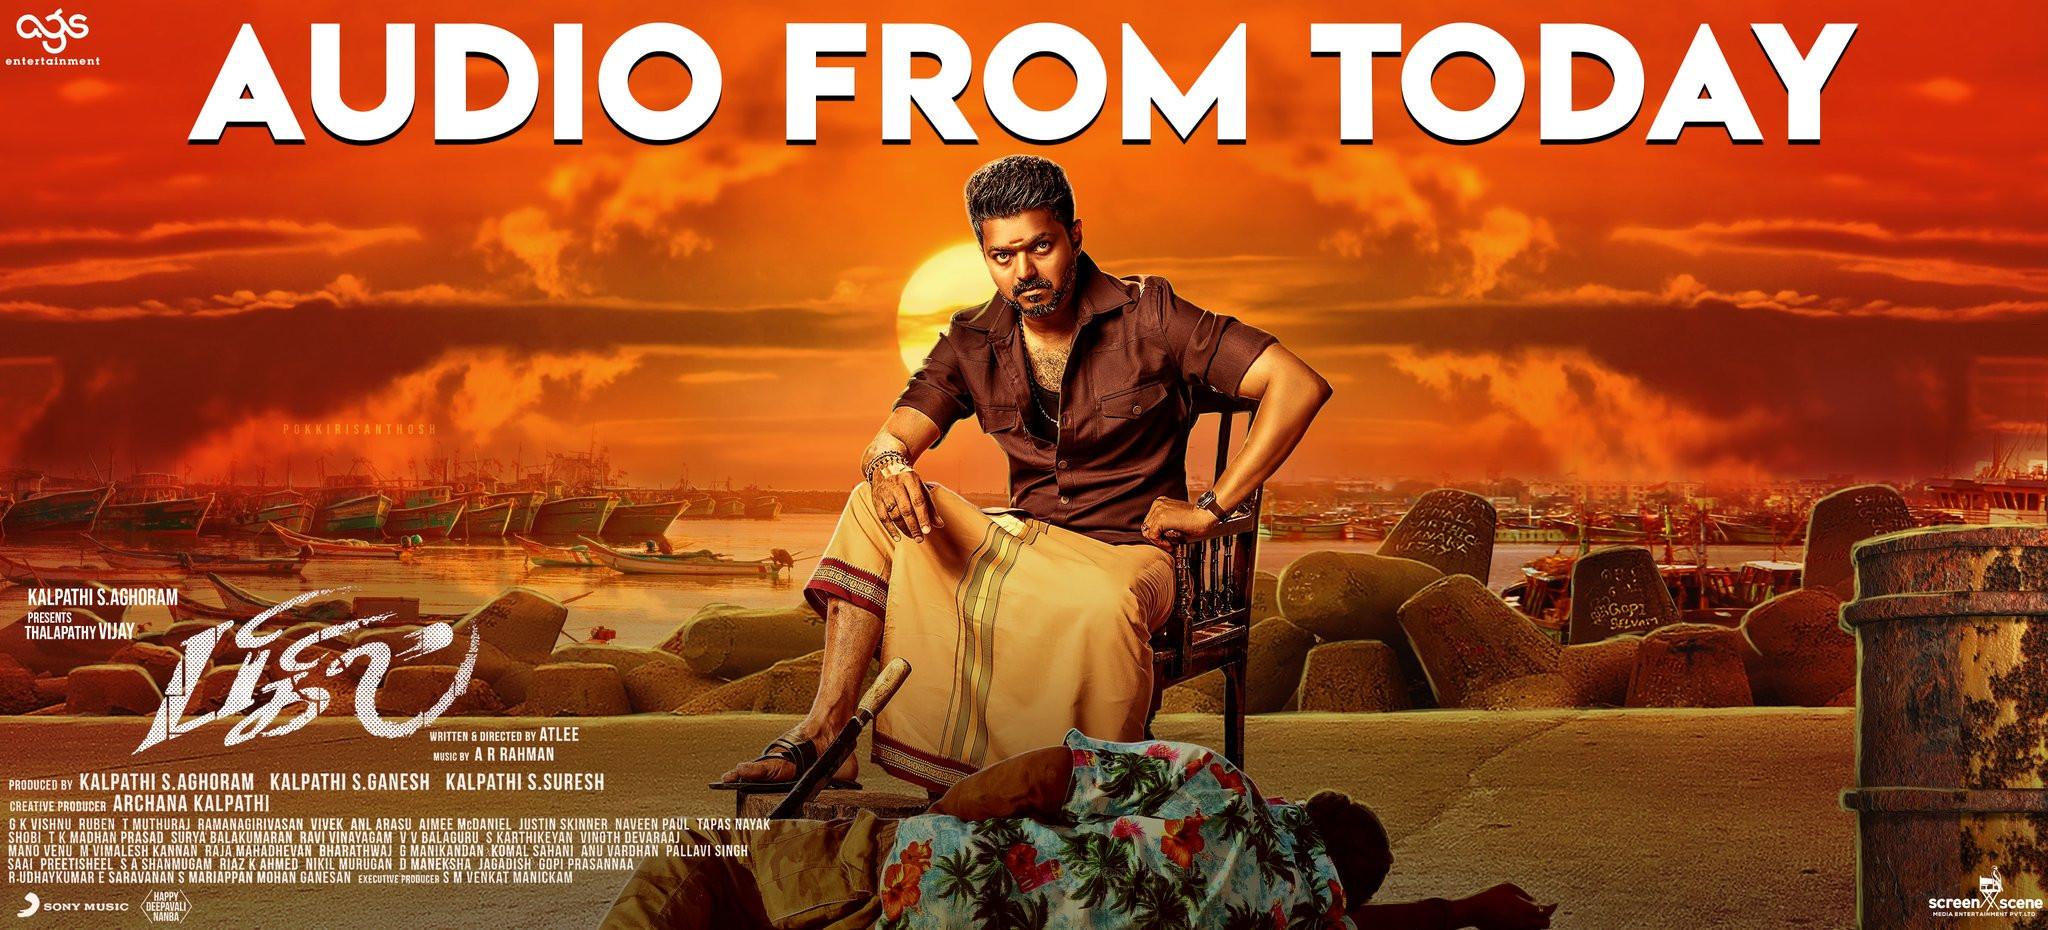 Vijay Bigil Audio from Today Poster HD